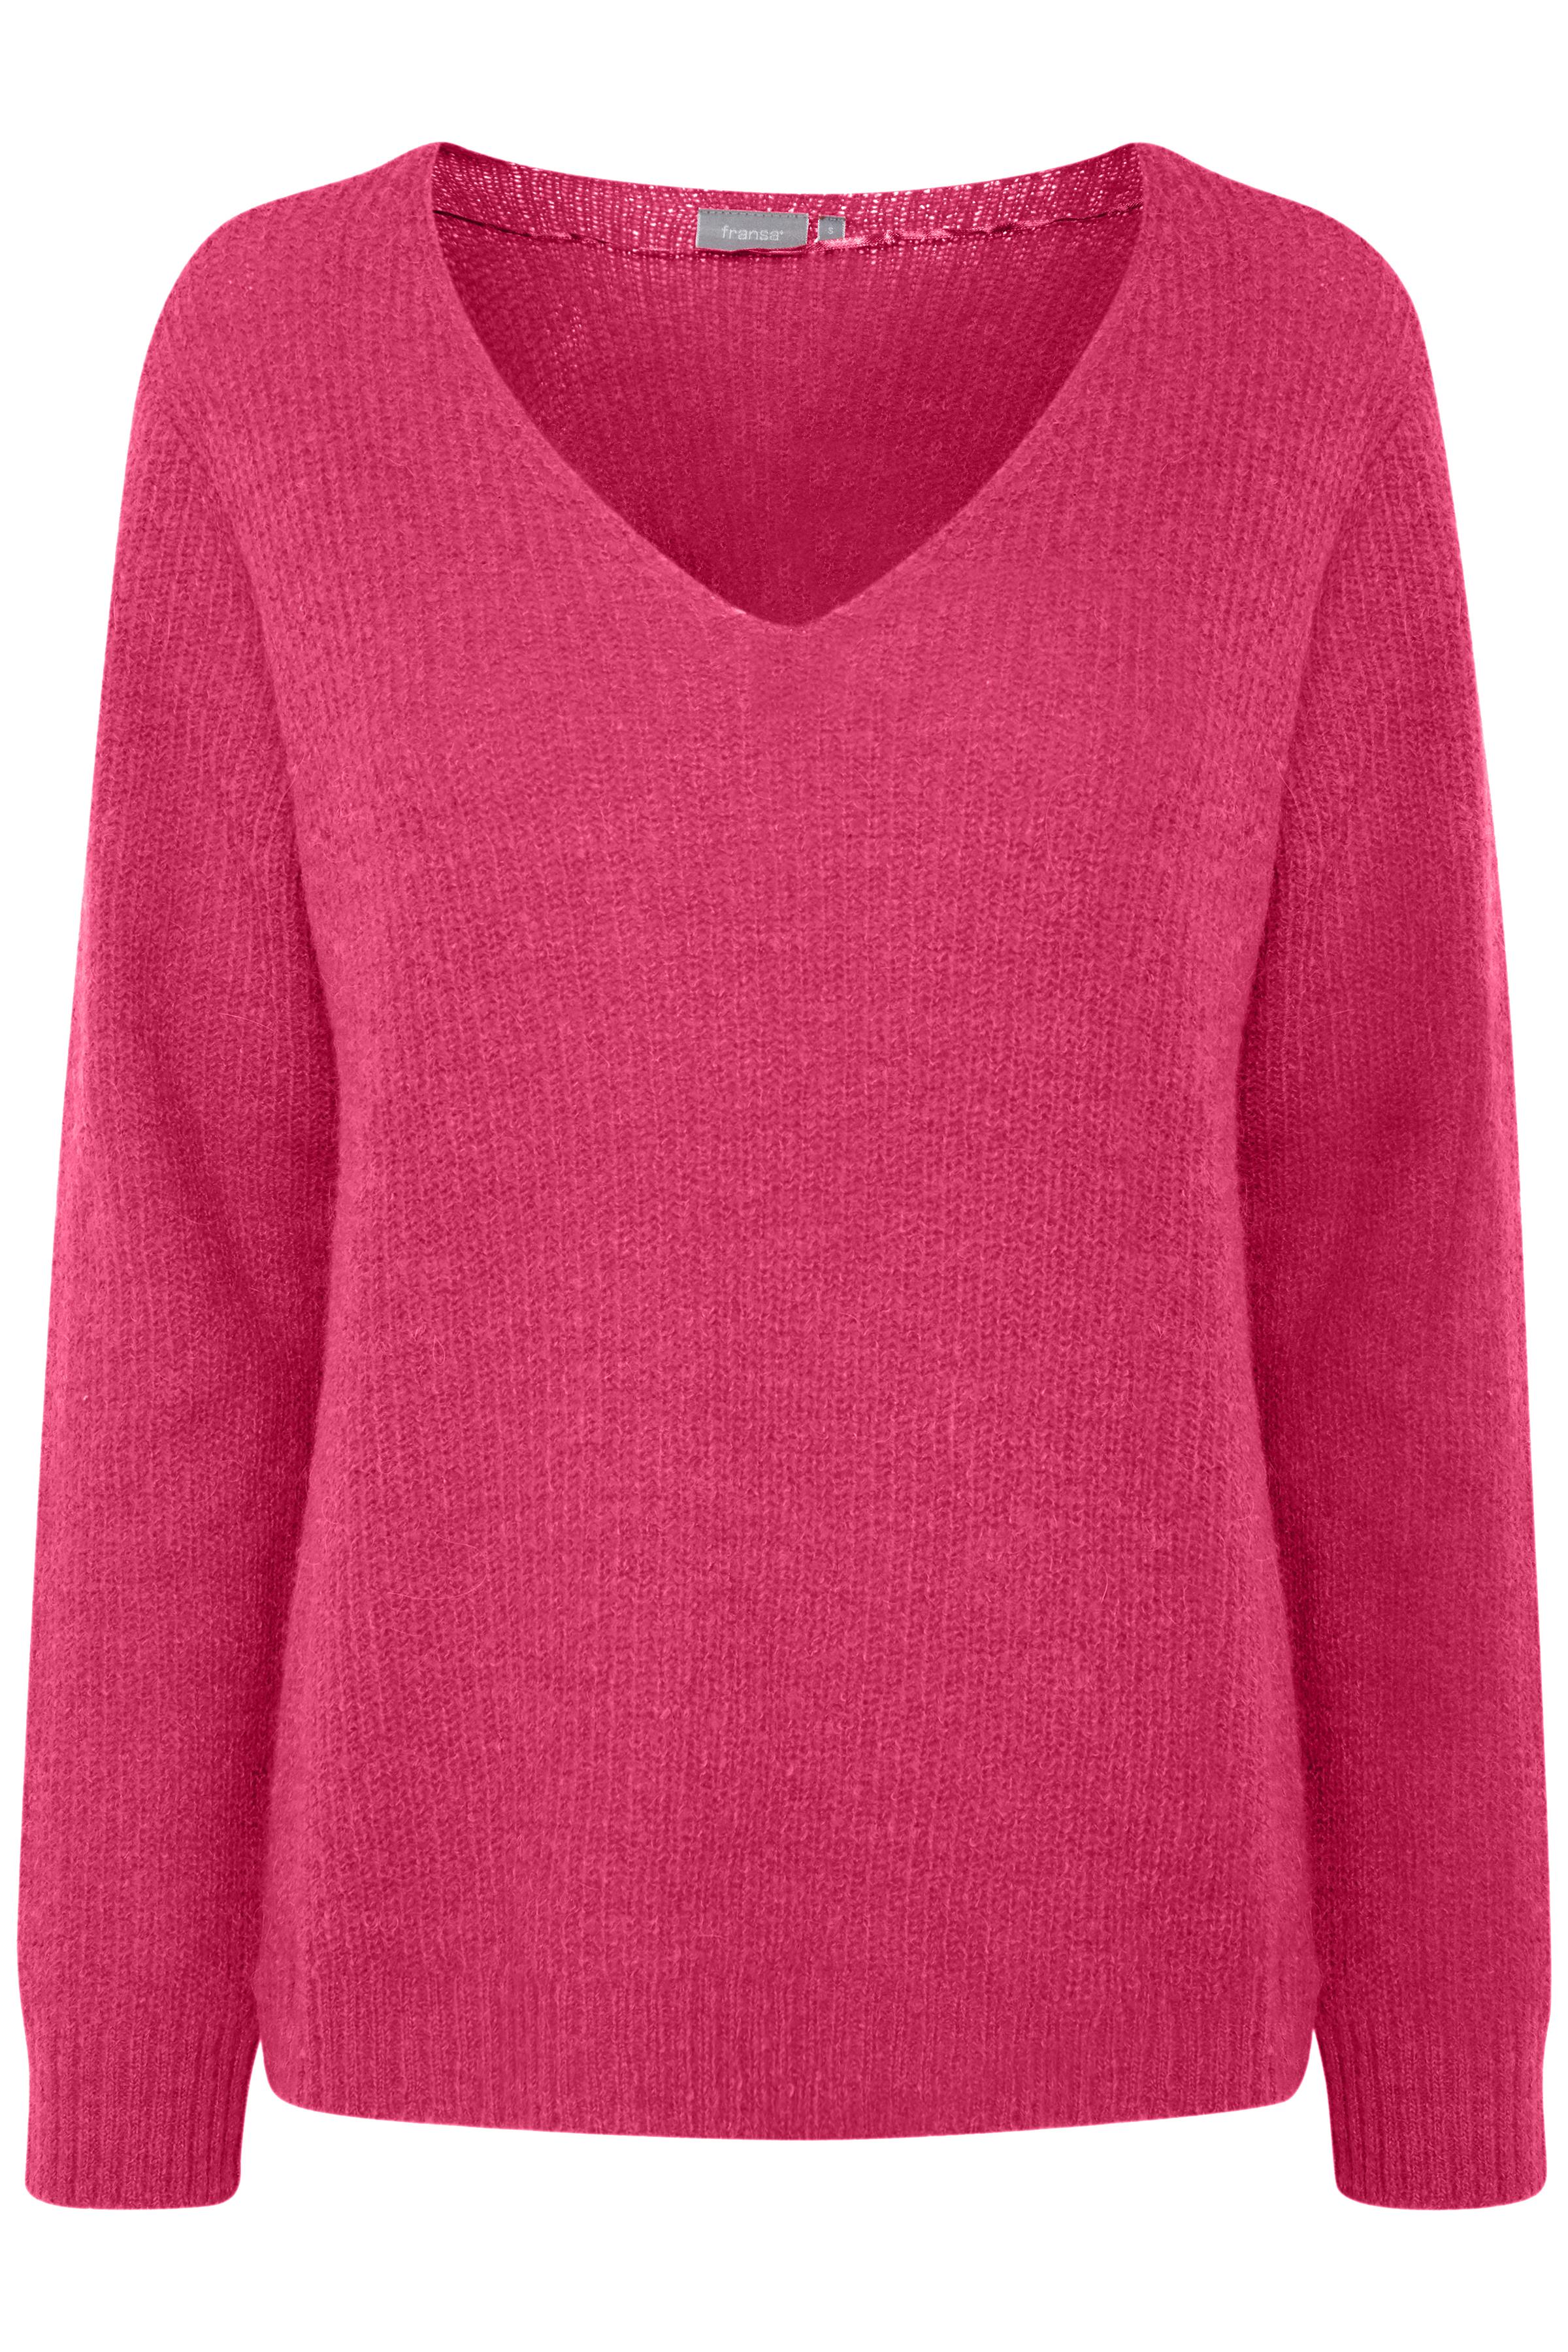 Pink Yarrow Strickpullover von Fransa – Shoppen Sie Pink Yarrow Strickpullover ab Gr. XS-XXL hier